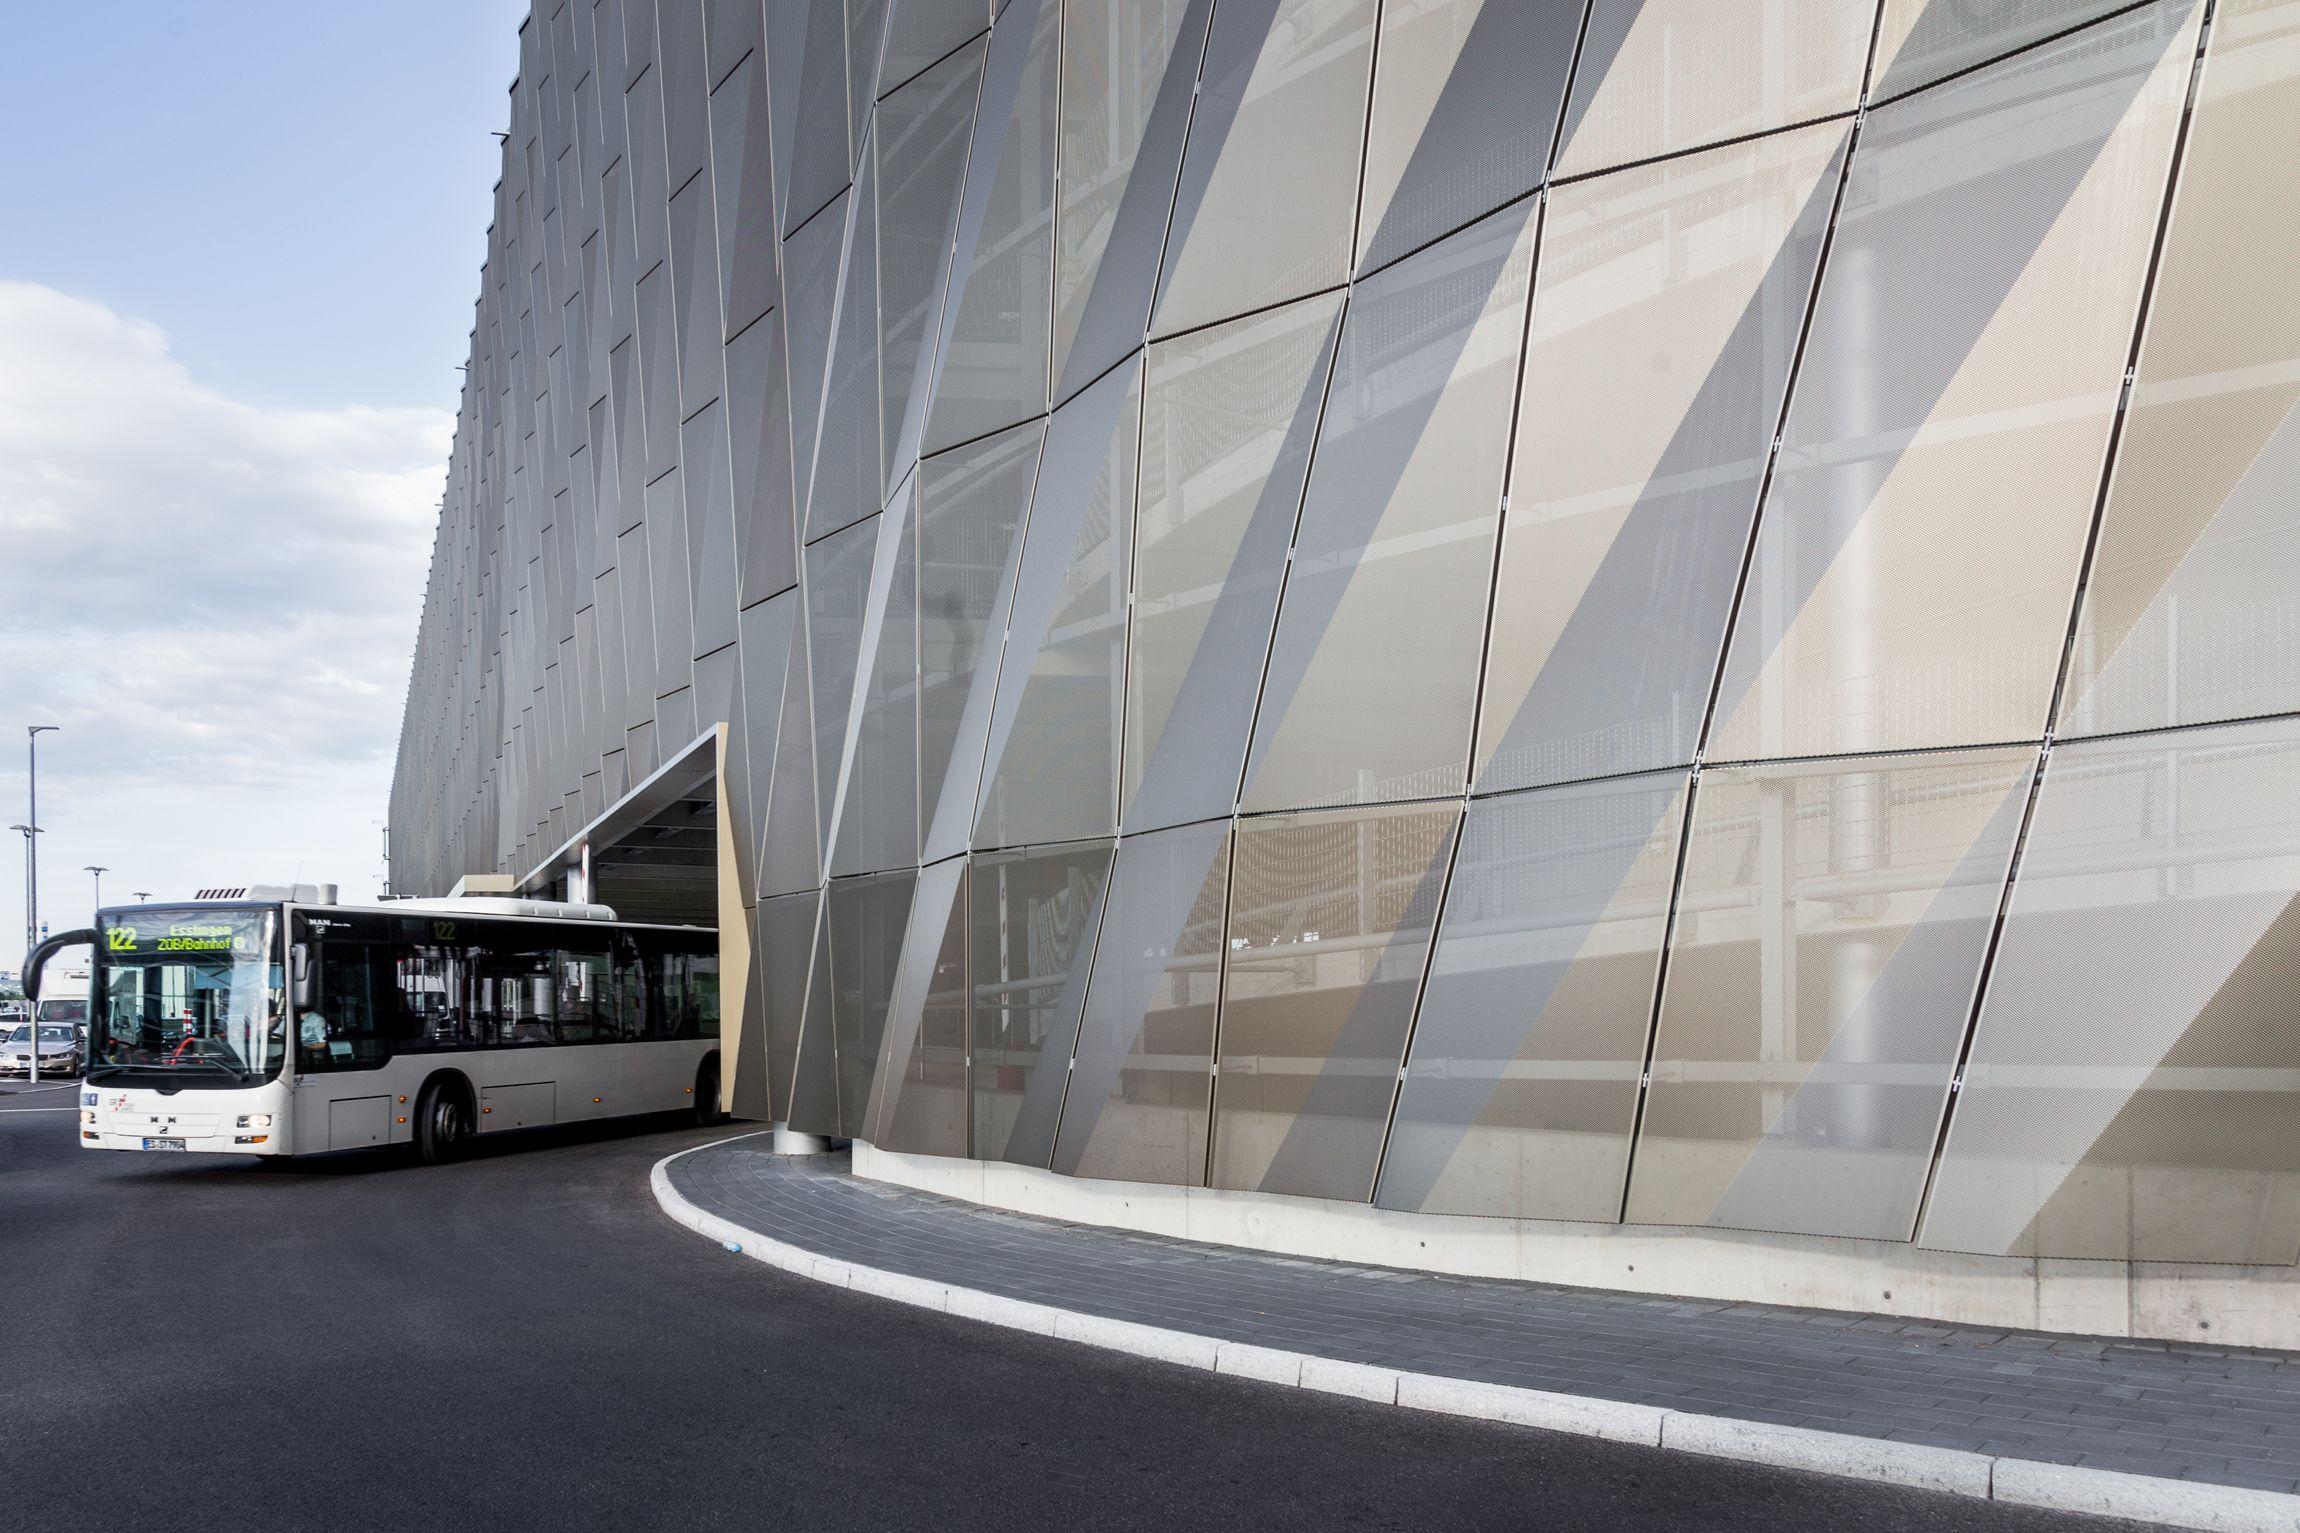 In Standiger Bewegung Busterminal Mit Parkhaus P14 Flughafen Stuttgart Architekt Wulf Architekten Architektur